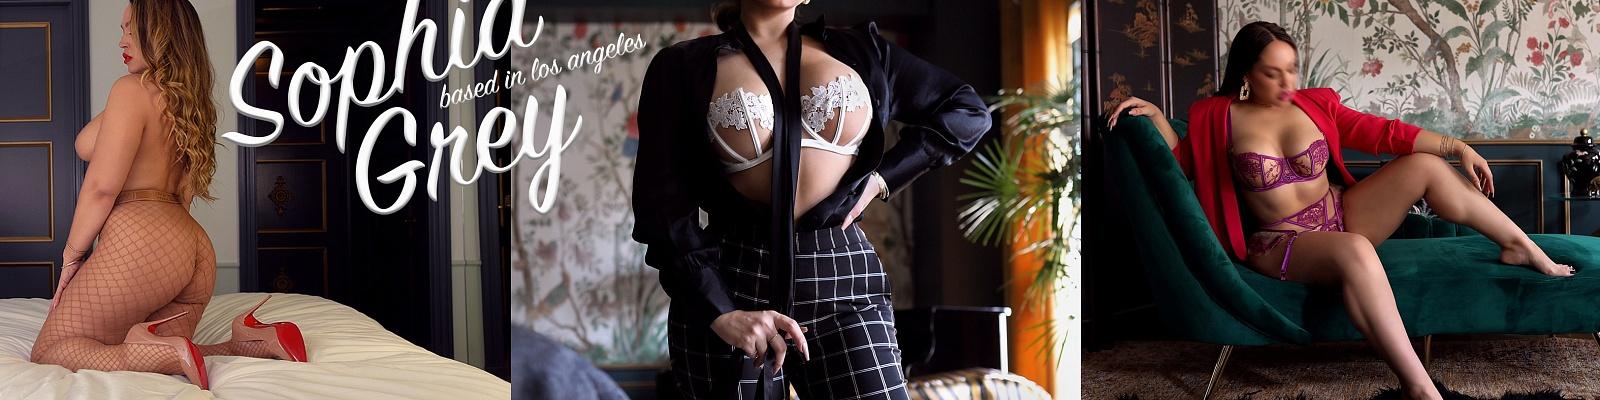 Sophia Grey's Cover Photo